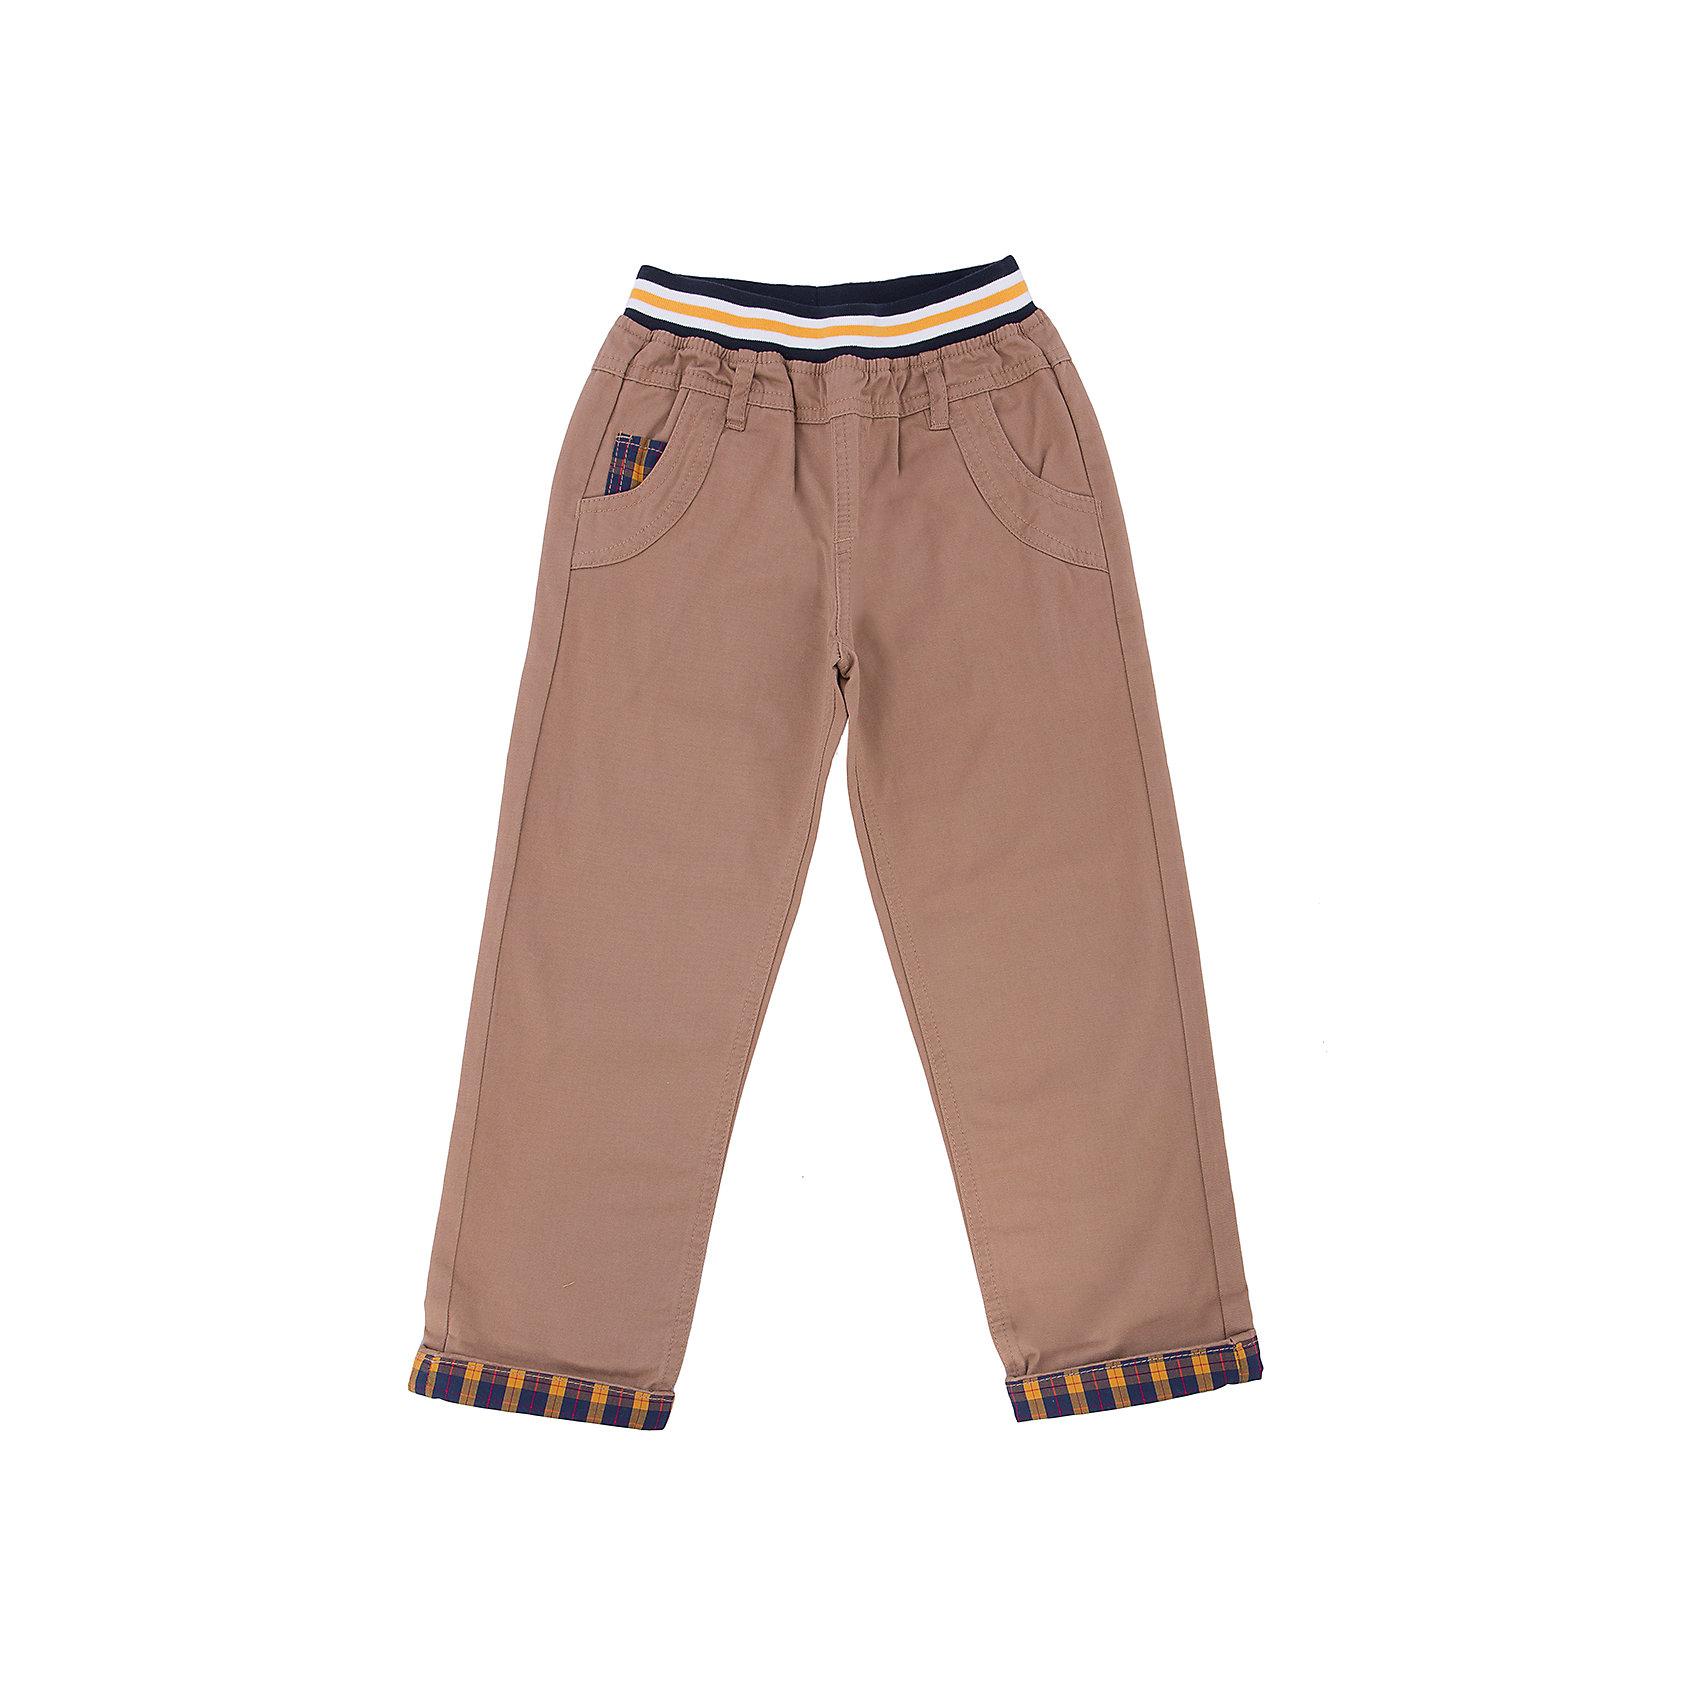 Брюки для мальчика SELAБрюки для мальчика из коллекции осень-зима 2016-2017 от известного бренда SELA. Стильные брюки на каждый день приятного бежевого цвета из хлопка. Брюки без пуговиц и молний, с модной резикой и с деталями в тон на кармане, подойдут как к рубашкам, так и к футболкам.<br><br>Дополнительная информация:<br>- Силуэт прямой <br><br>Состав: 100% хлопок <br><br>Брюки для мальчиков Sela можно купить в нашем интернет-магазине.<br>.<br>Подробнее:<br>• Для детей в возрасте: от 2 до 6 лет<br>• Номер товара: 4913206<br>Страна производитель: Китай<br><br>Ширина мм: 215<br>Глубина мм: 88<br>Высота мм: 191<br>Вес г: 336<br>Цвет: бежевый<br>Возраст от месяцев: 60<br>Возраст до месяцев: 72<br>Пол: Мужской<br>Возраст: Детский<br>Размер: 116,110,98,104,92<br>SKU: 4913205